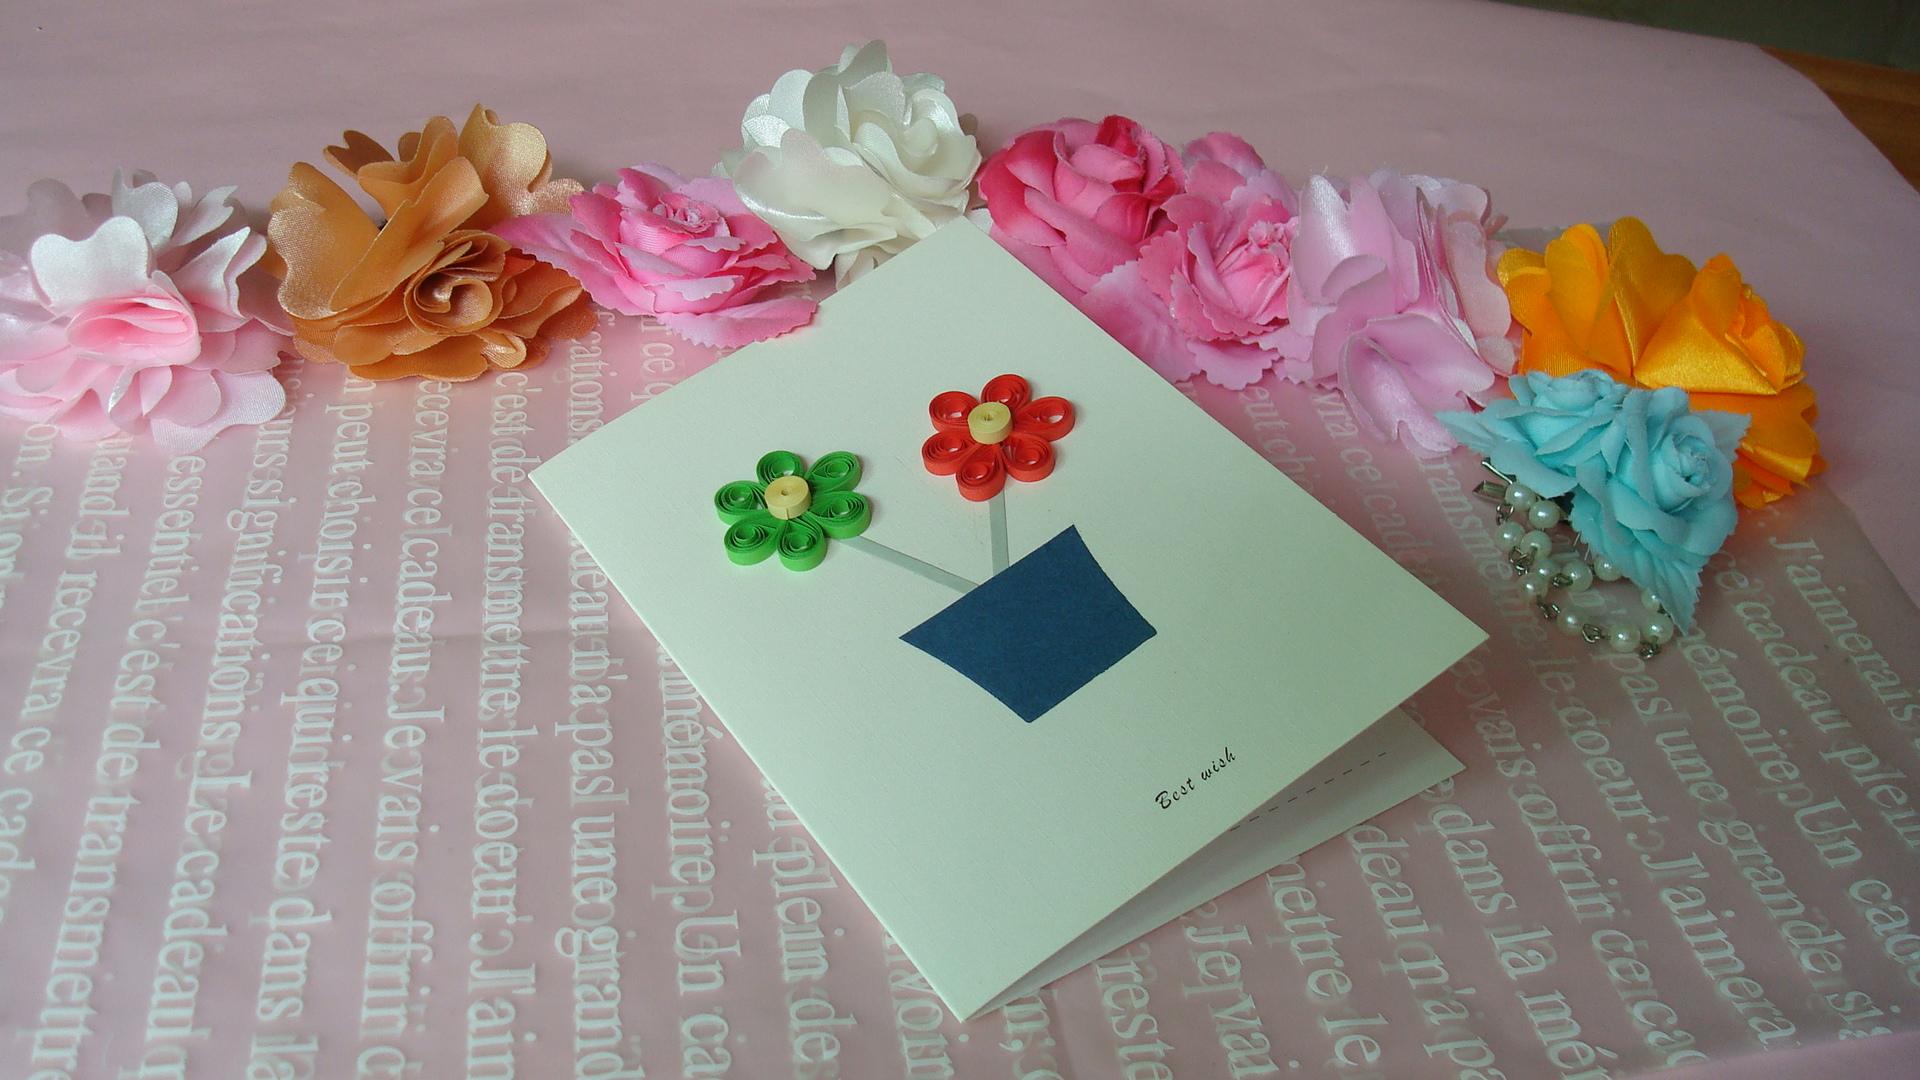 衍纸产品diy纯手工立体贺卡 祖国花朵